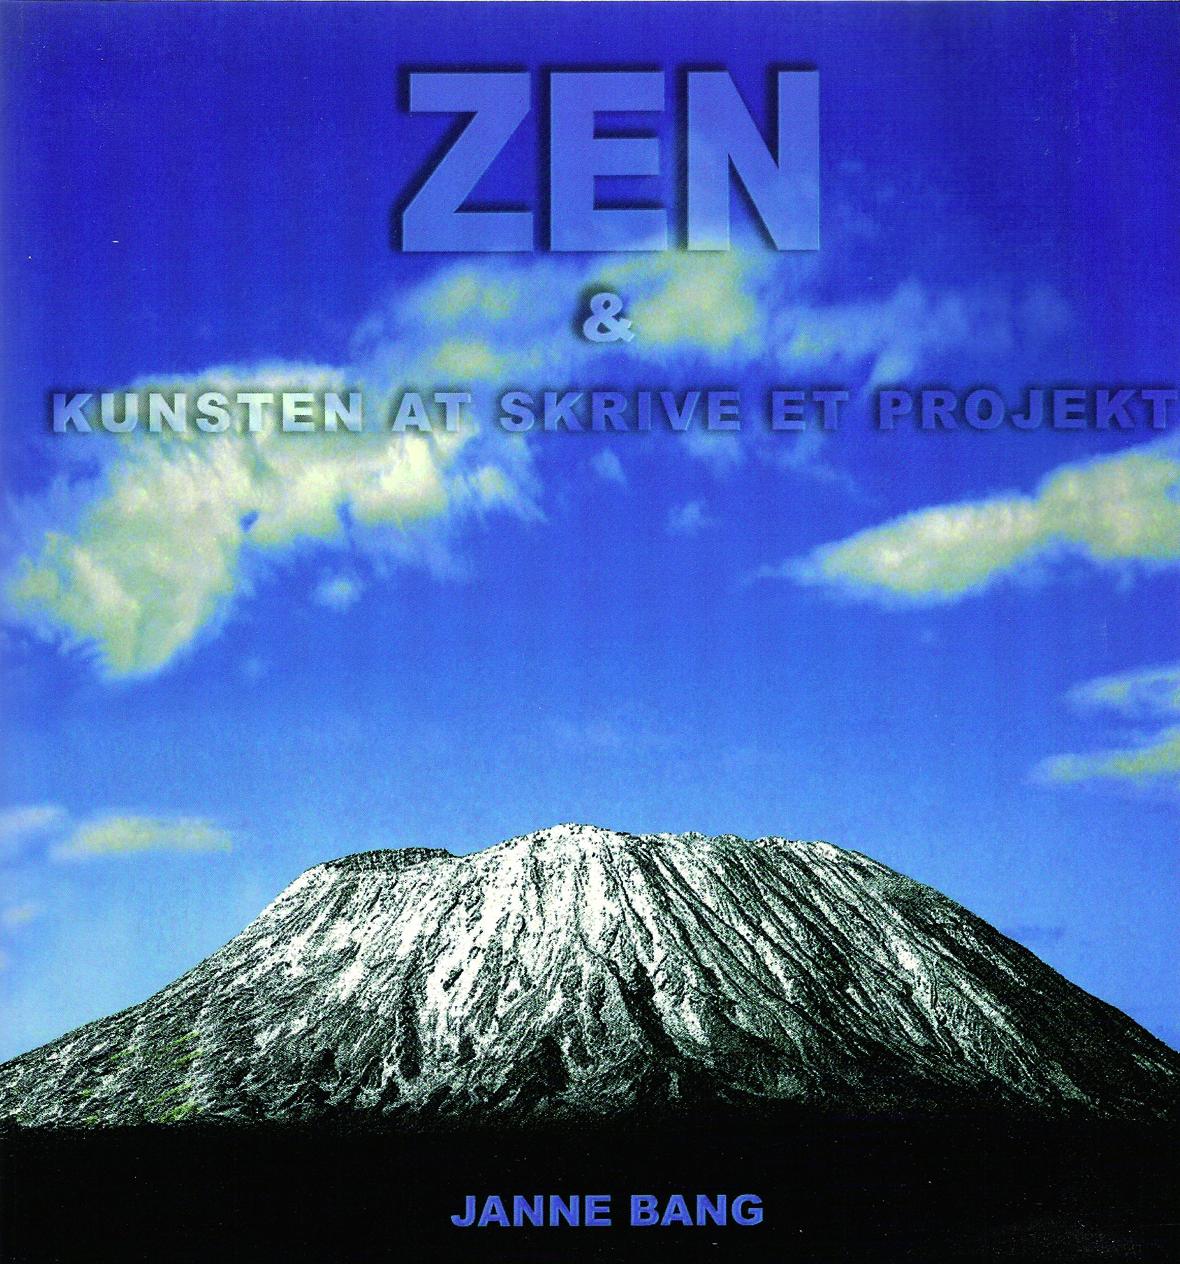 Zen & kunsten at skrive et projekt - e-bog fra N/A på bog & mystik